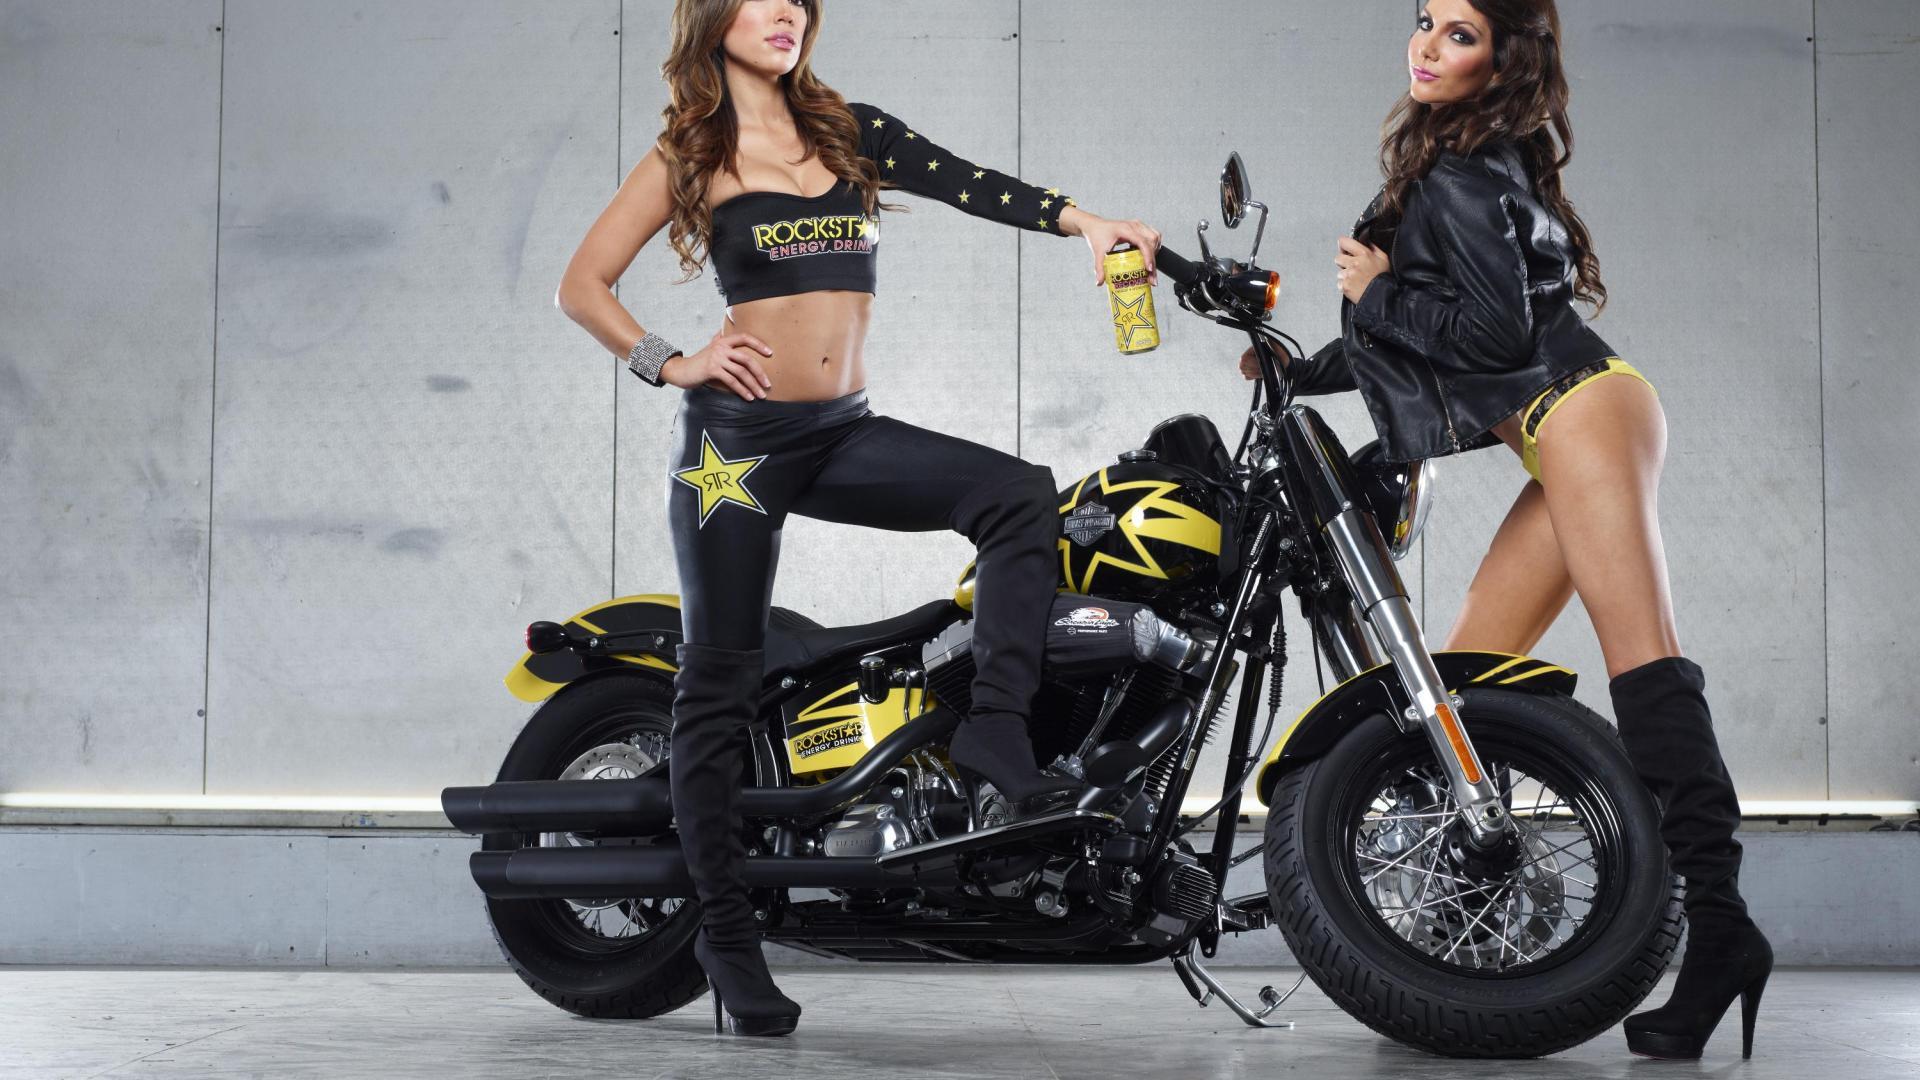 Modelos de BMW - chicas Harley Davidson